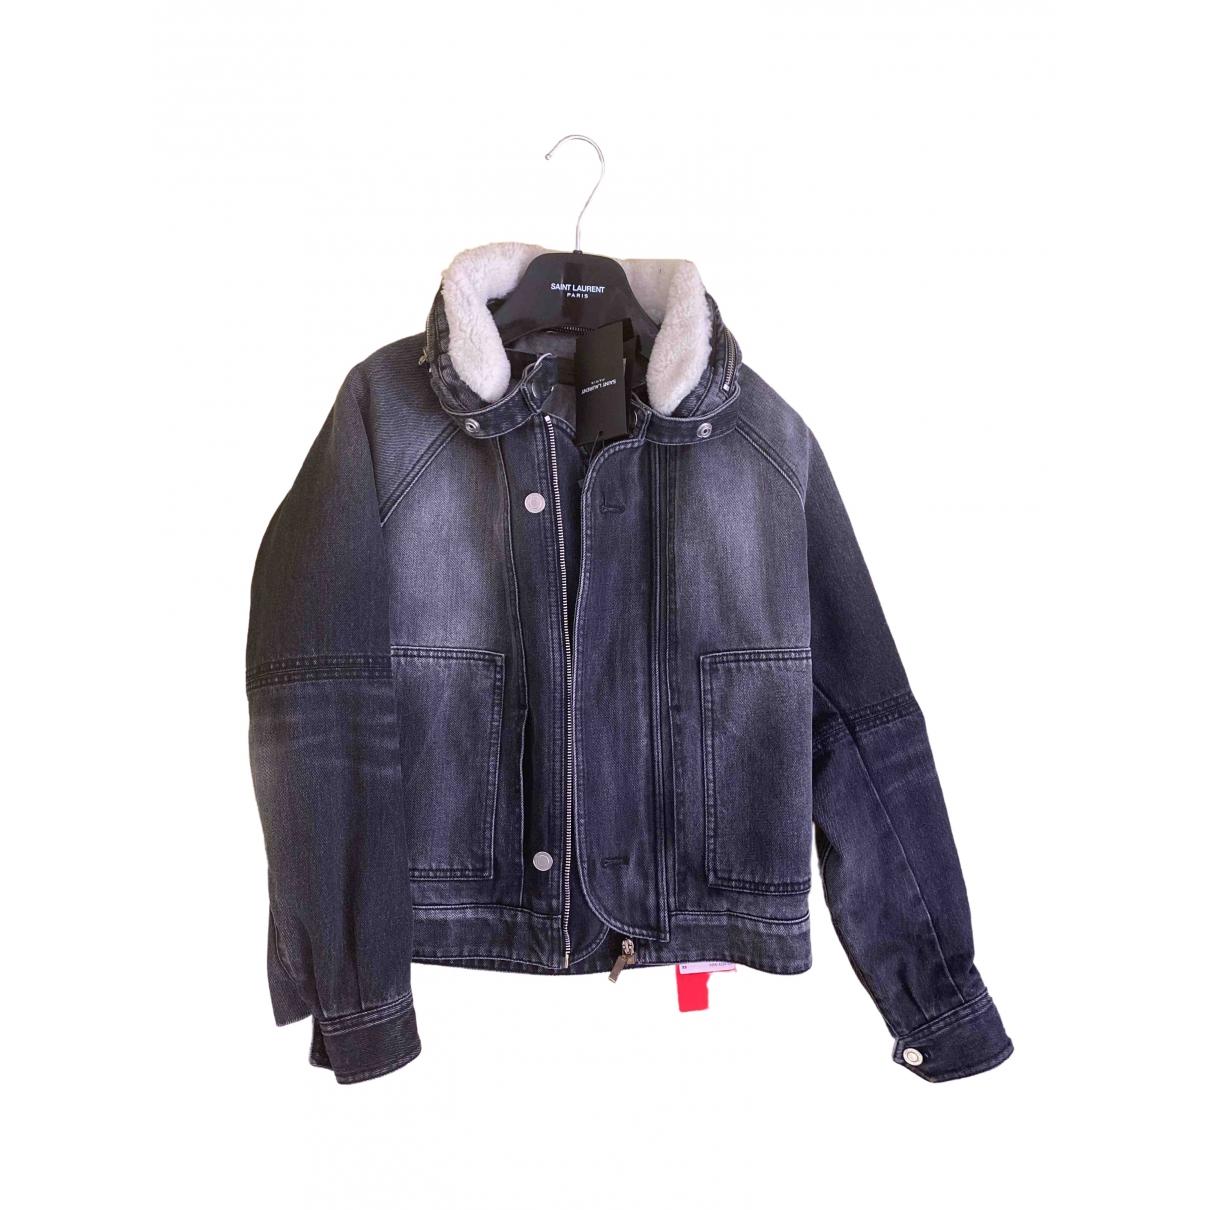 Yves Saint Laurent \N Jacke in  Grau Denim - Jeans